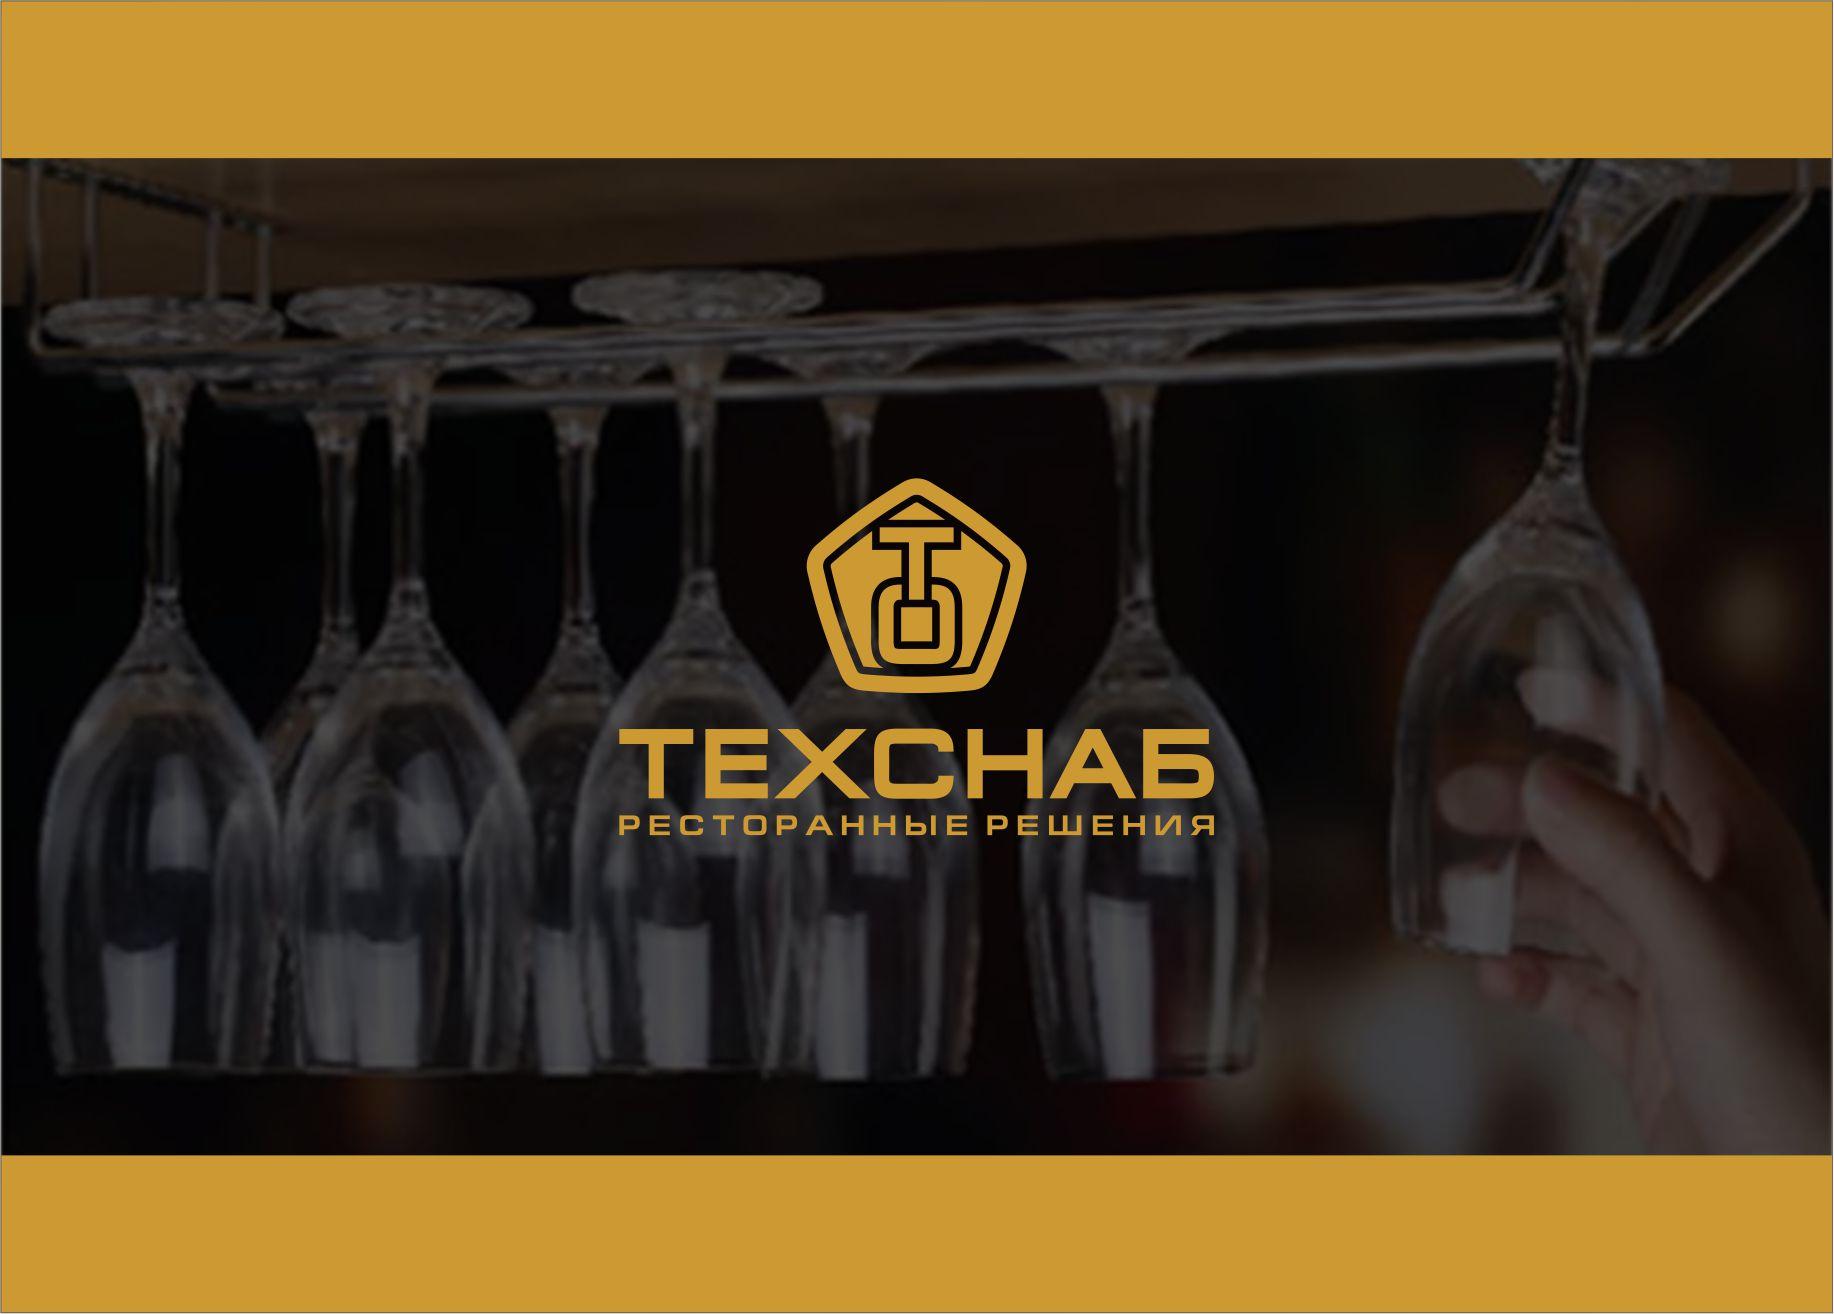 Разработка логотипа и фирм. стиля компании  ТЕХСНАБ фото f_8855b1b8b97b420e.jpg